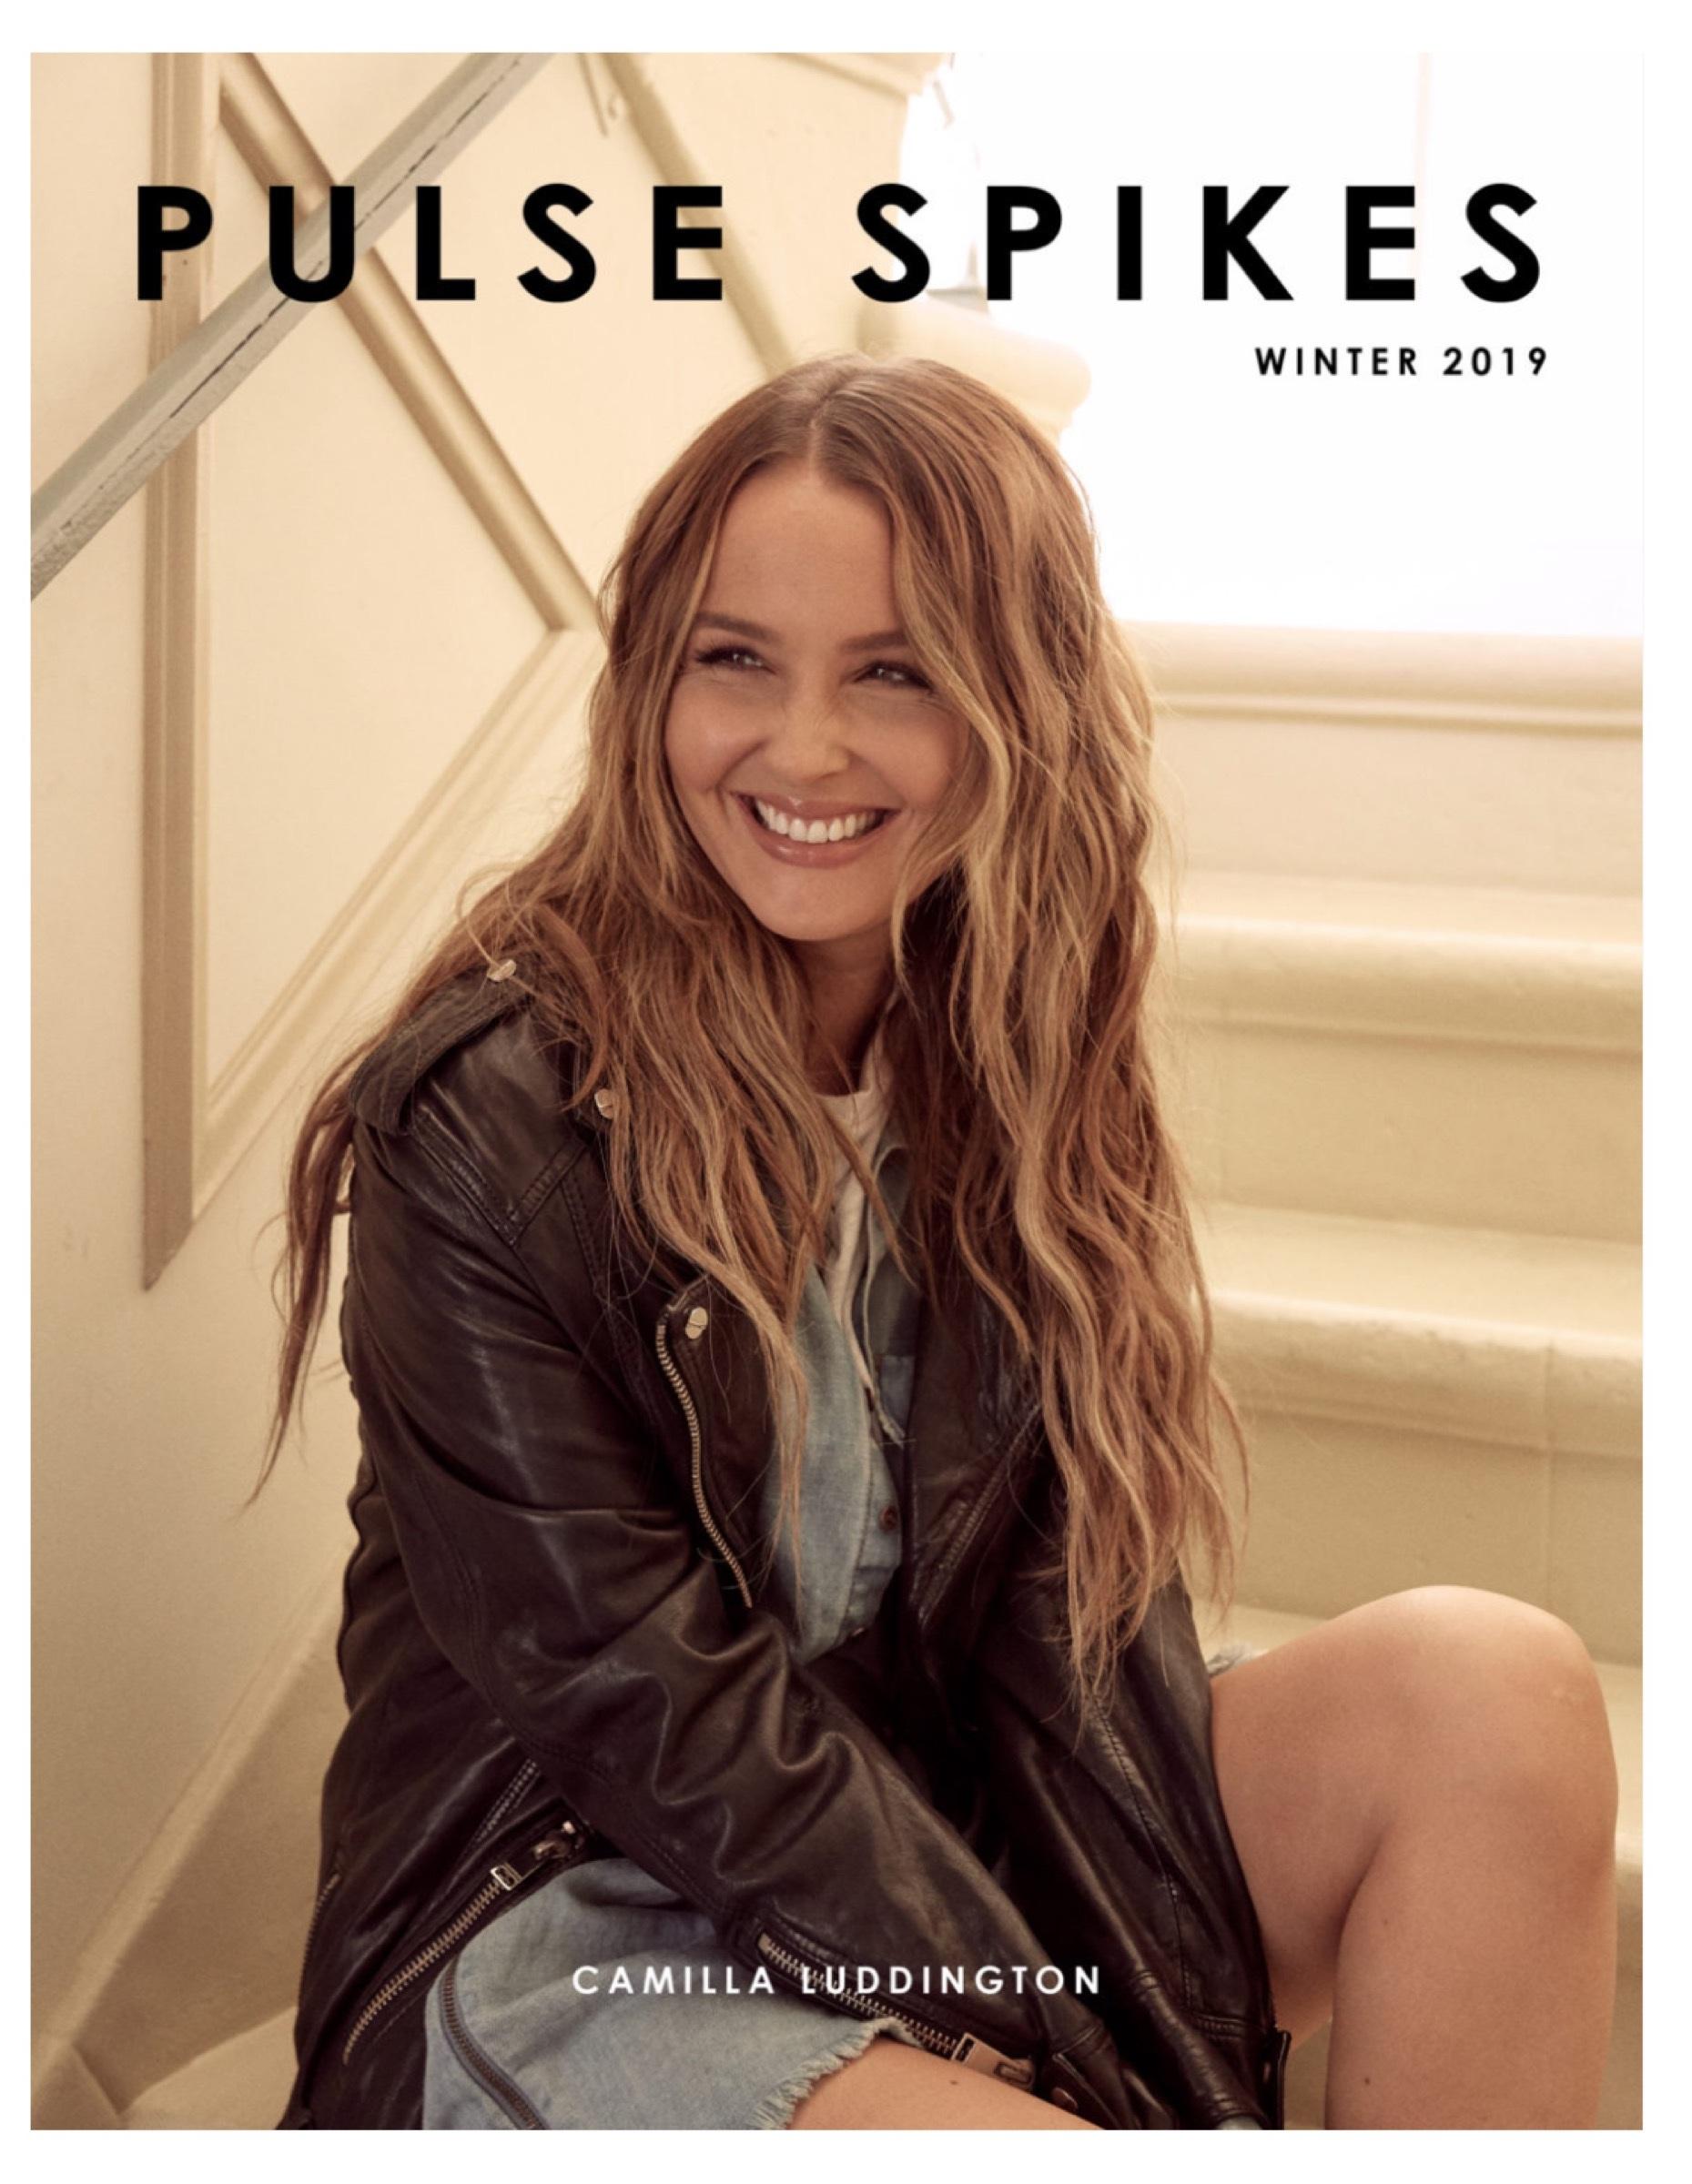 Camilla Luddington for Pulse Spikes Magazine Winter 2019 Issue